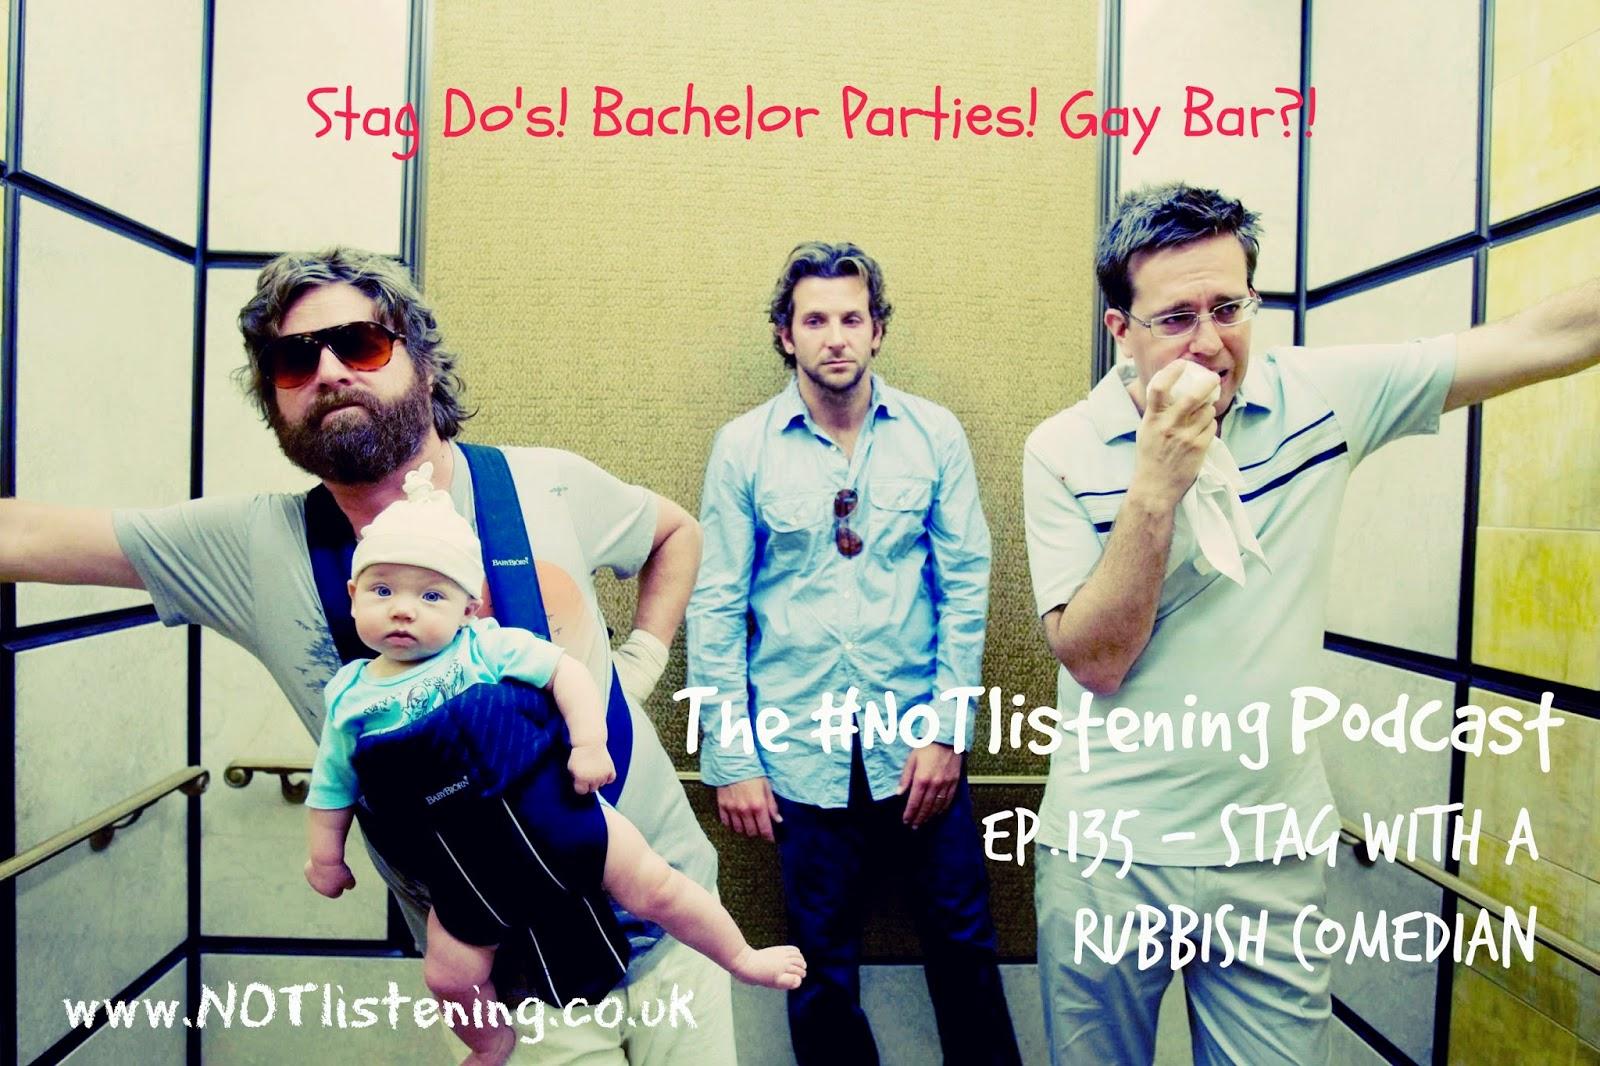 Gay boys get paid